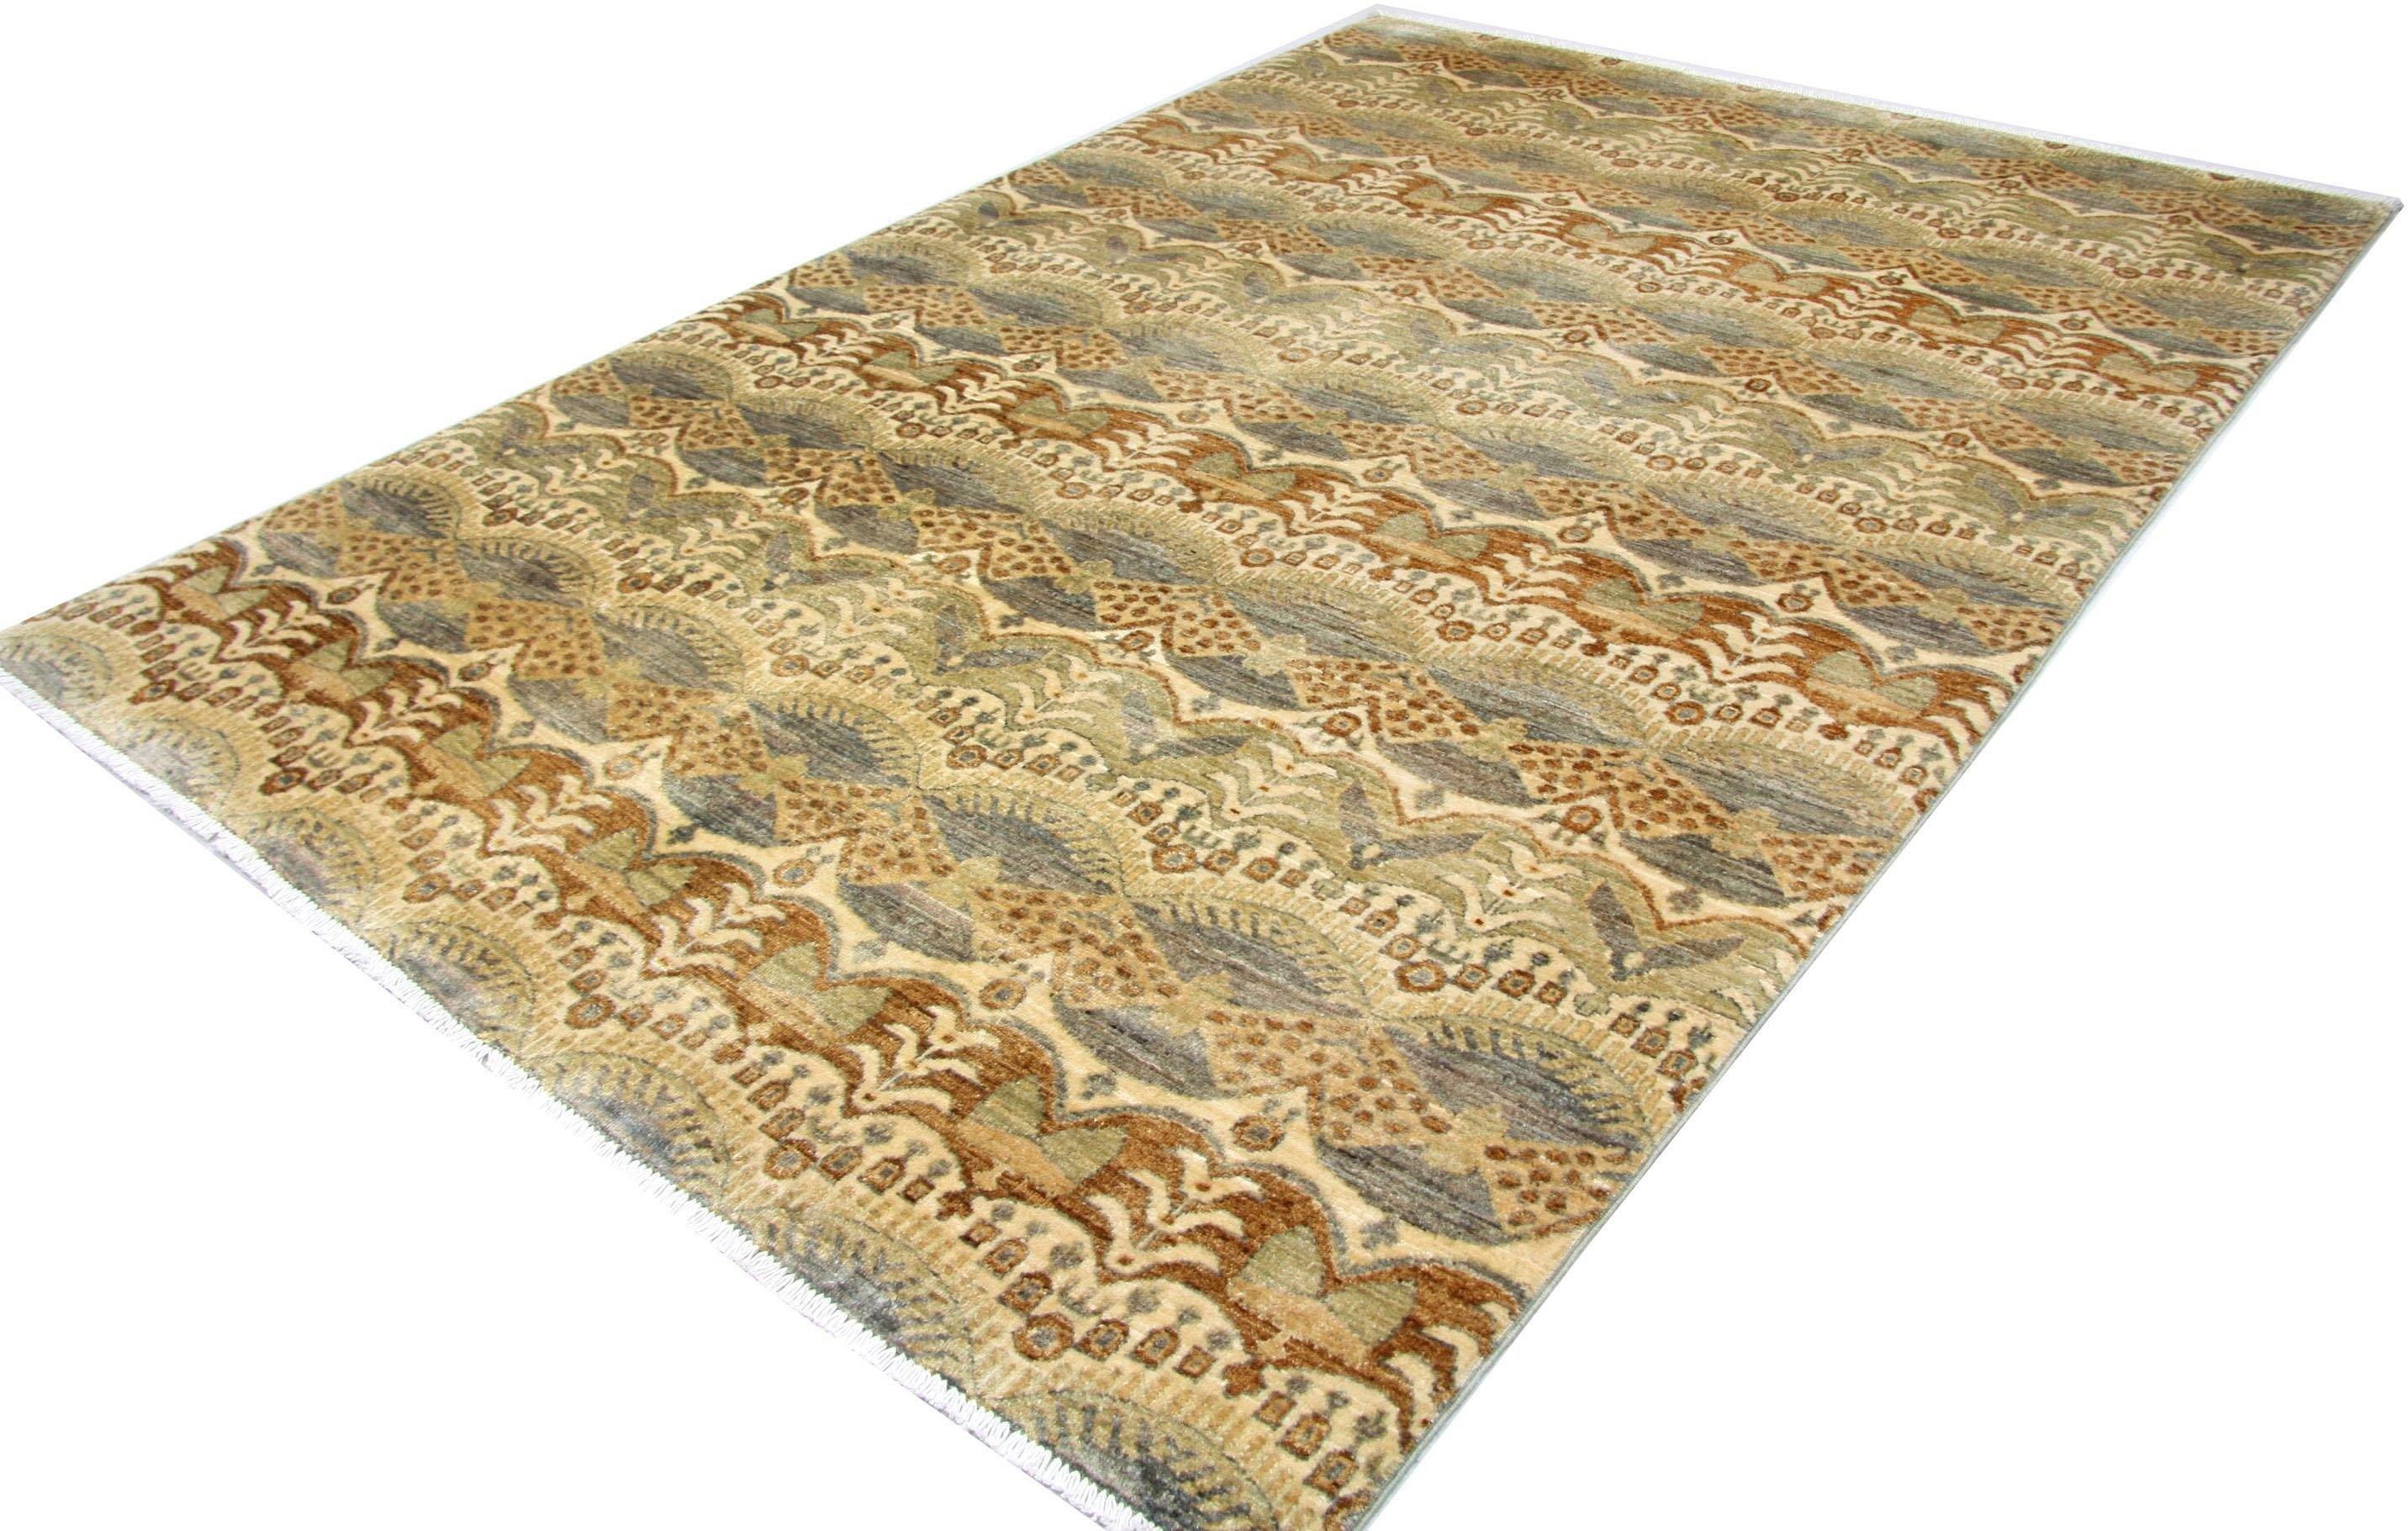 morgenland wollen kleed Ziegler Teppich handgeknüpft braun nu online kopen bij OTTO